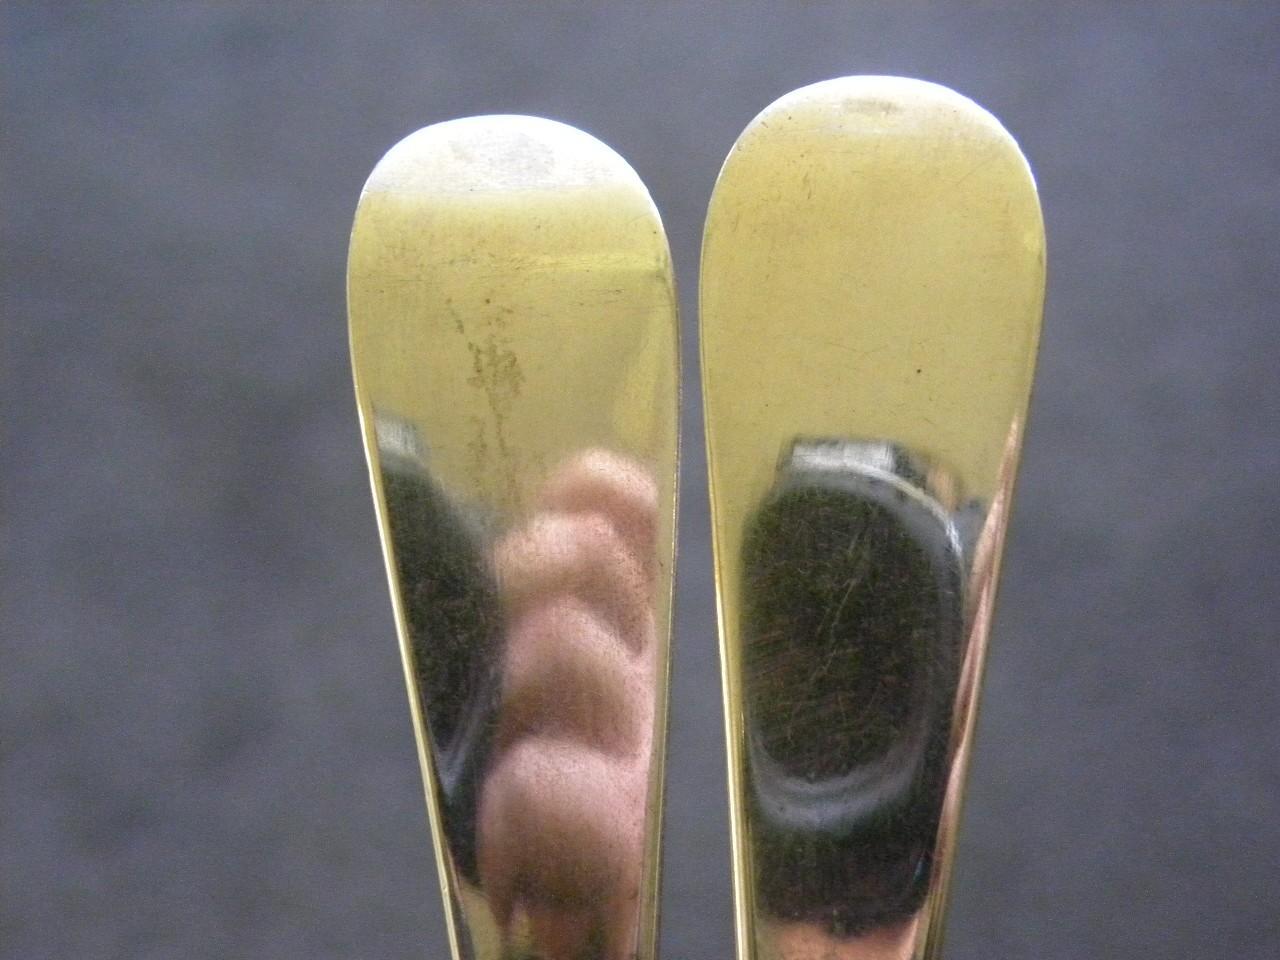 2 Stephen Adams II 1821 Sterling Silver Serving Spoon 4.1 oz image 3